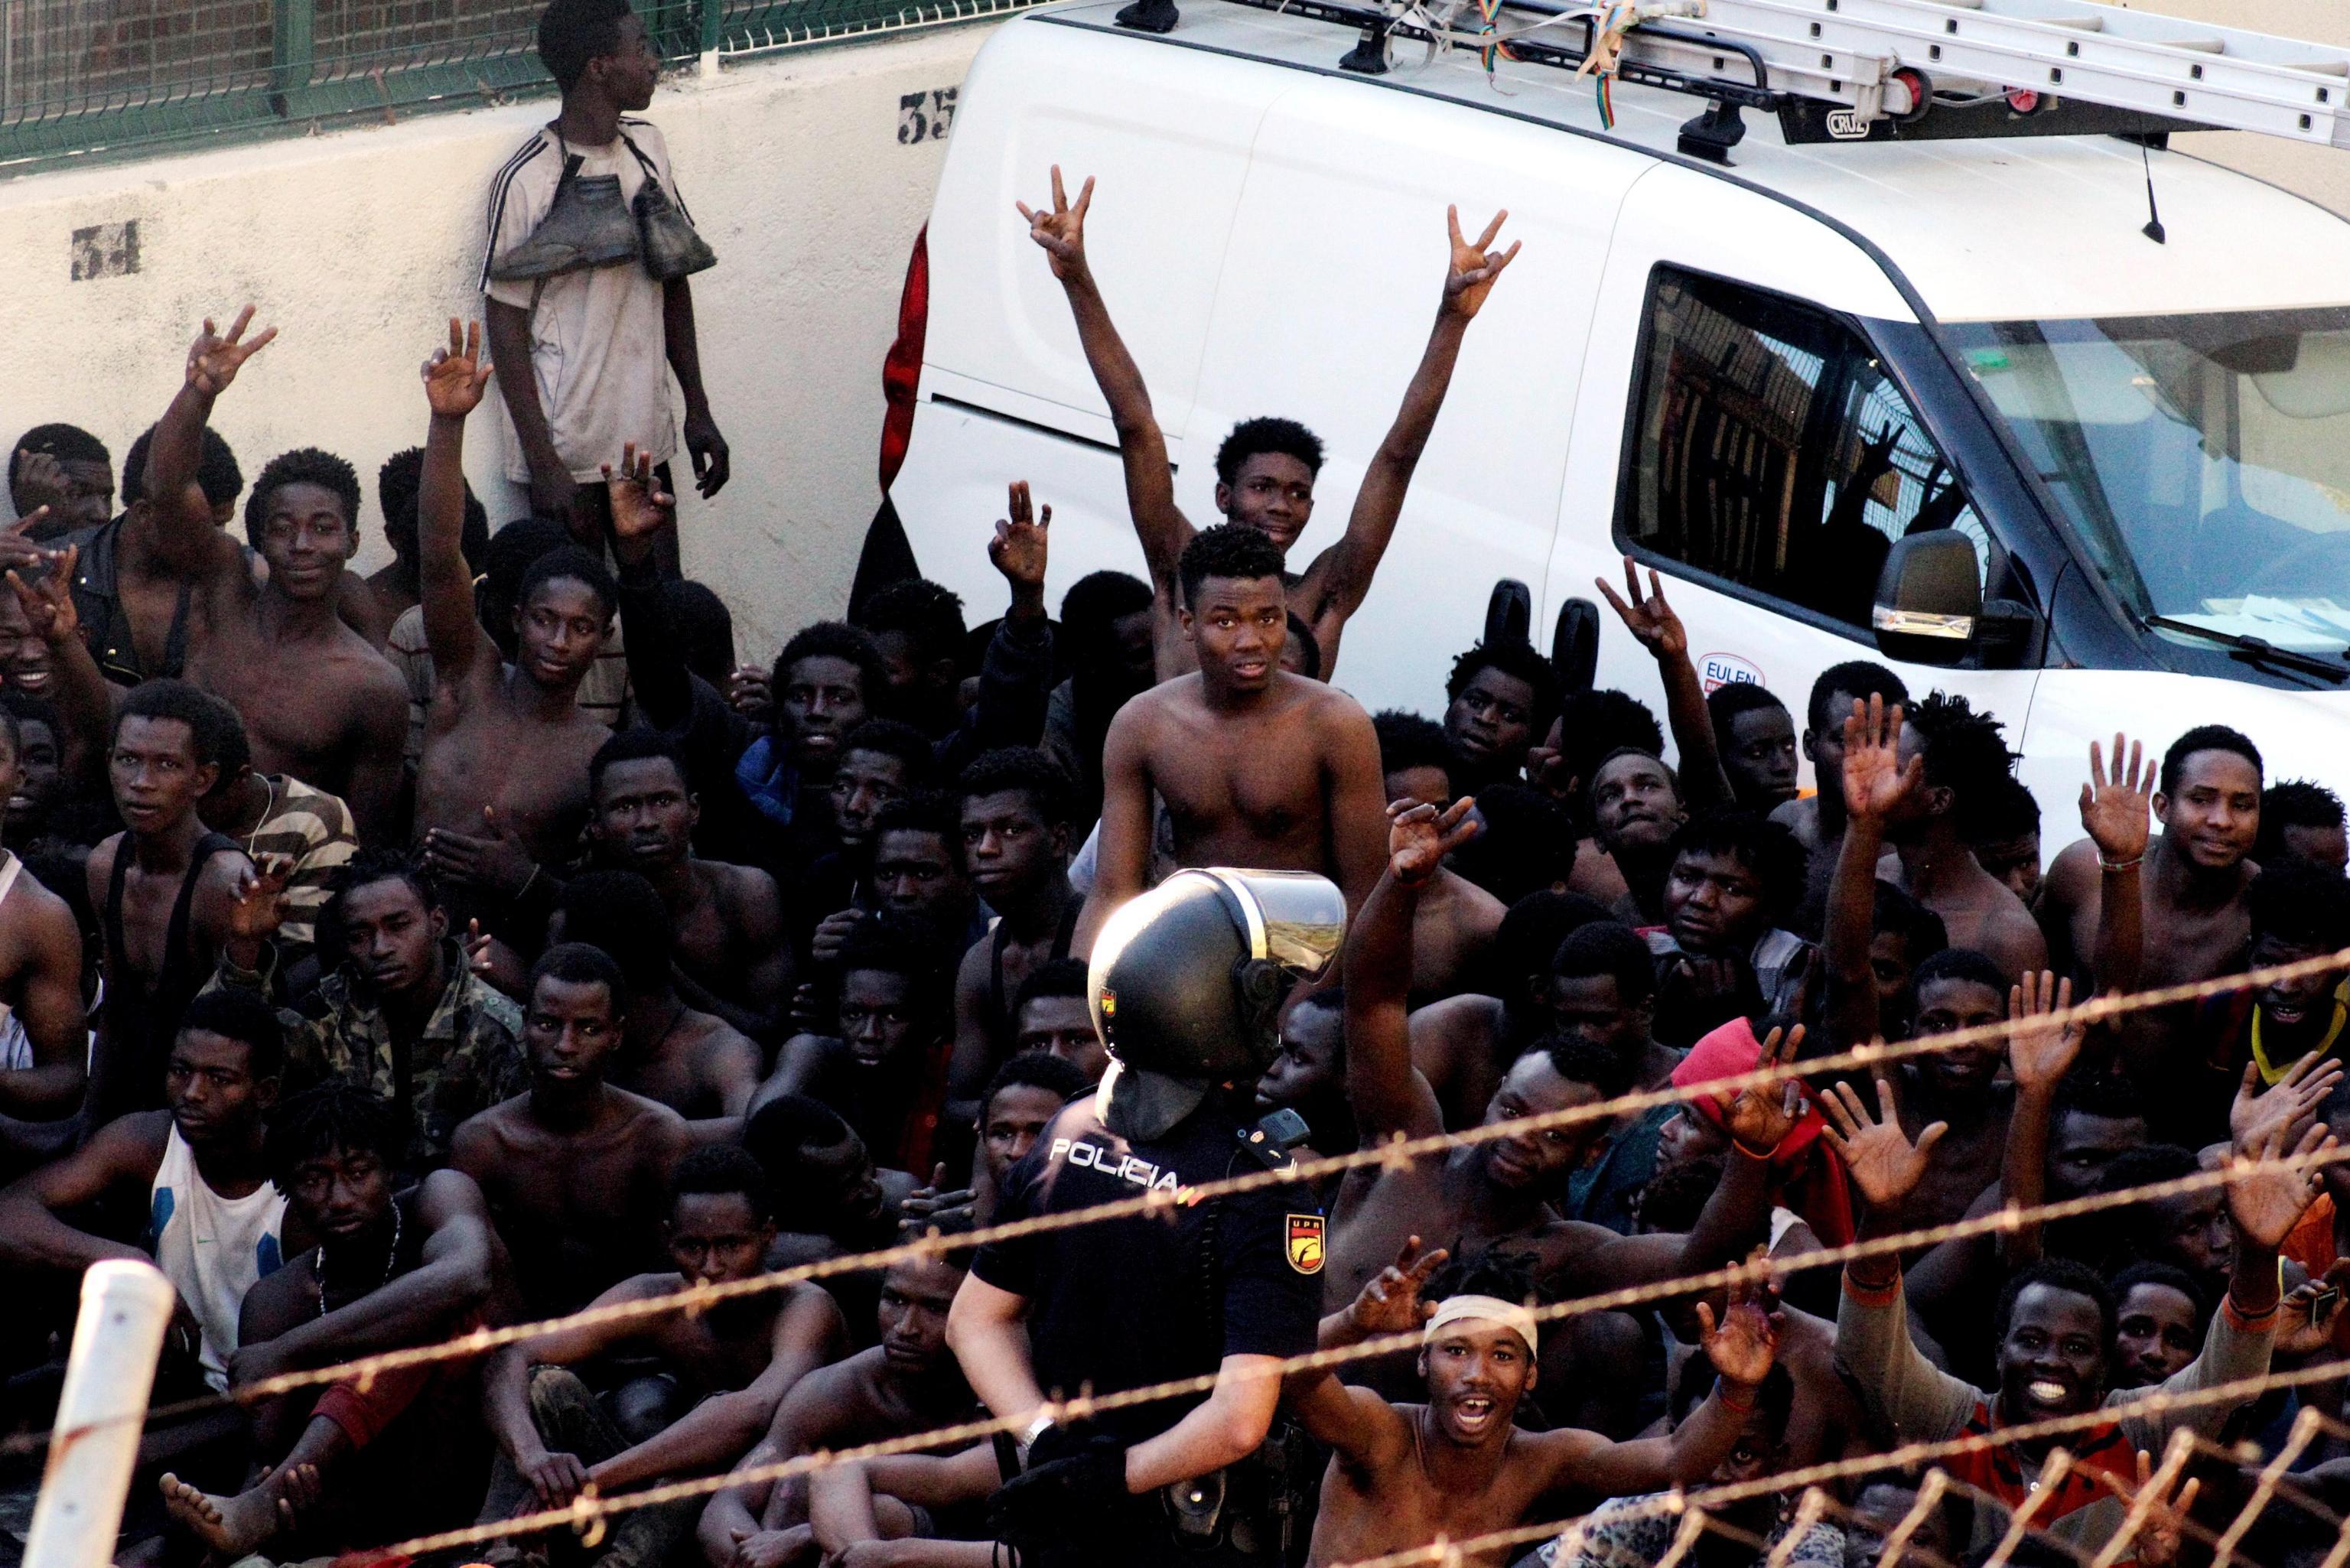 'Migranti pretendono l'aria condizionata e Sky', ecco cosa è successo davvero a Vicenza